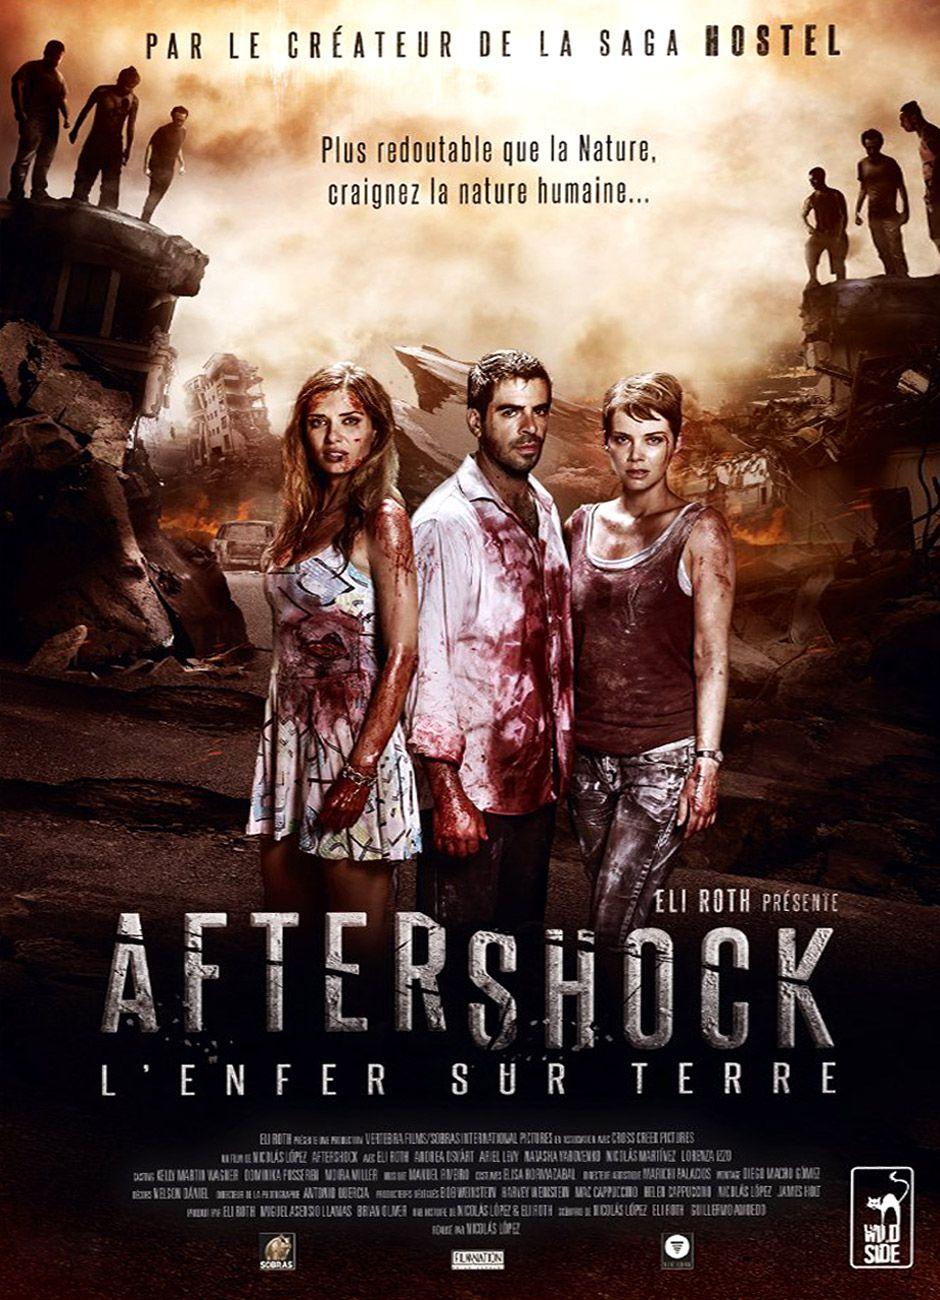 Aftershock, l'Enfer sur Terre - Film (2013)